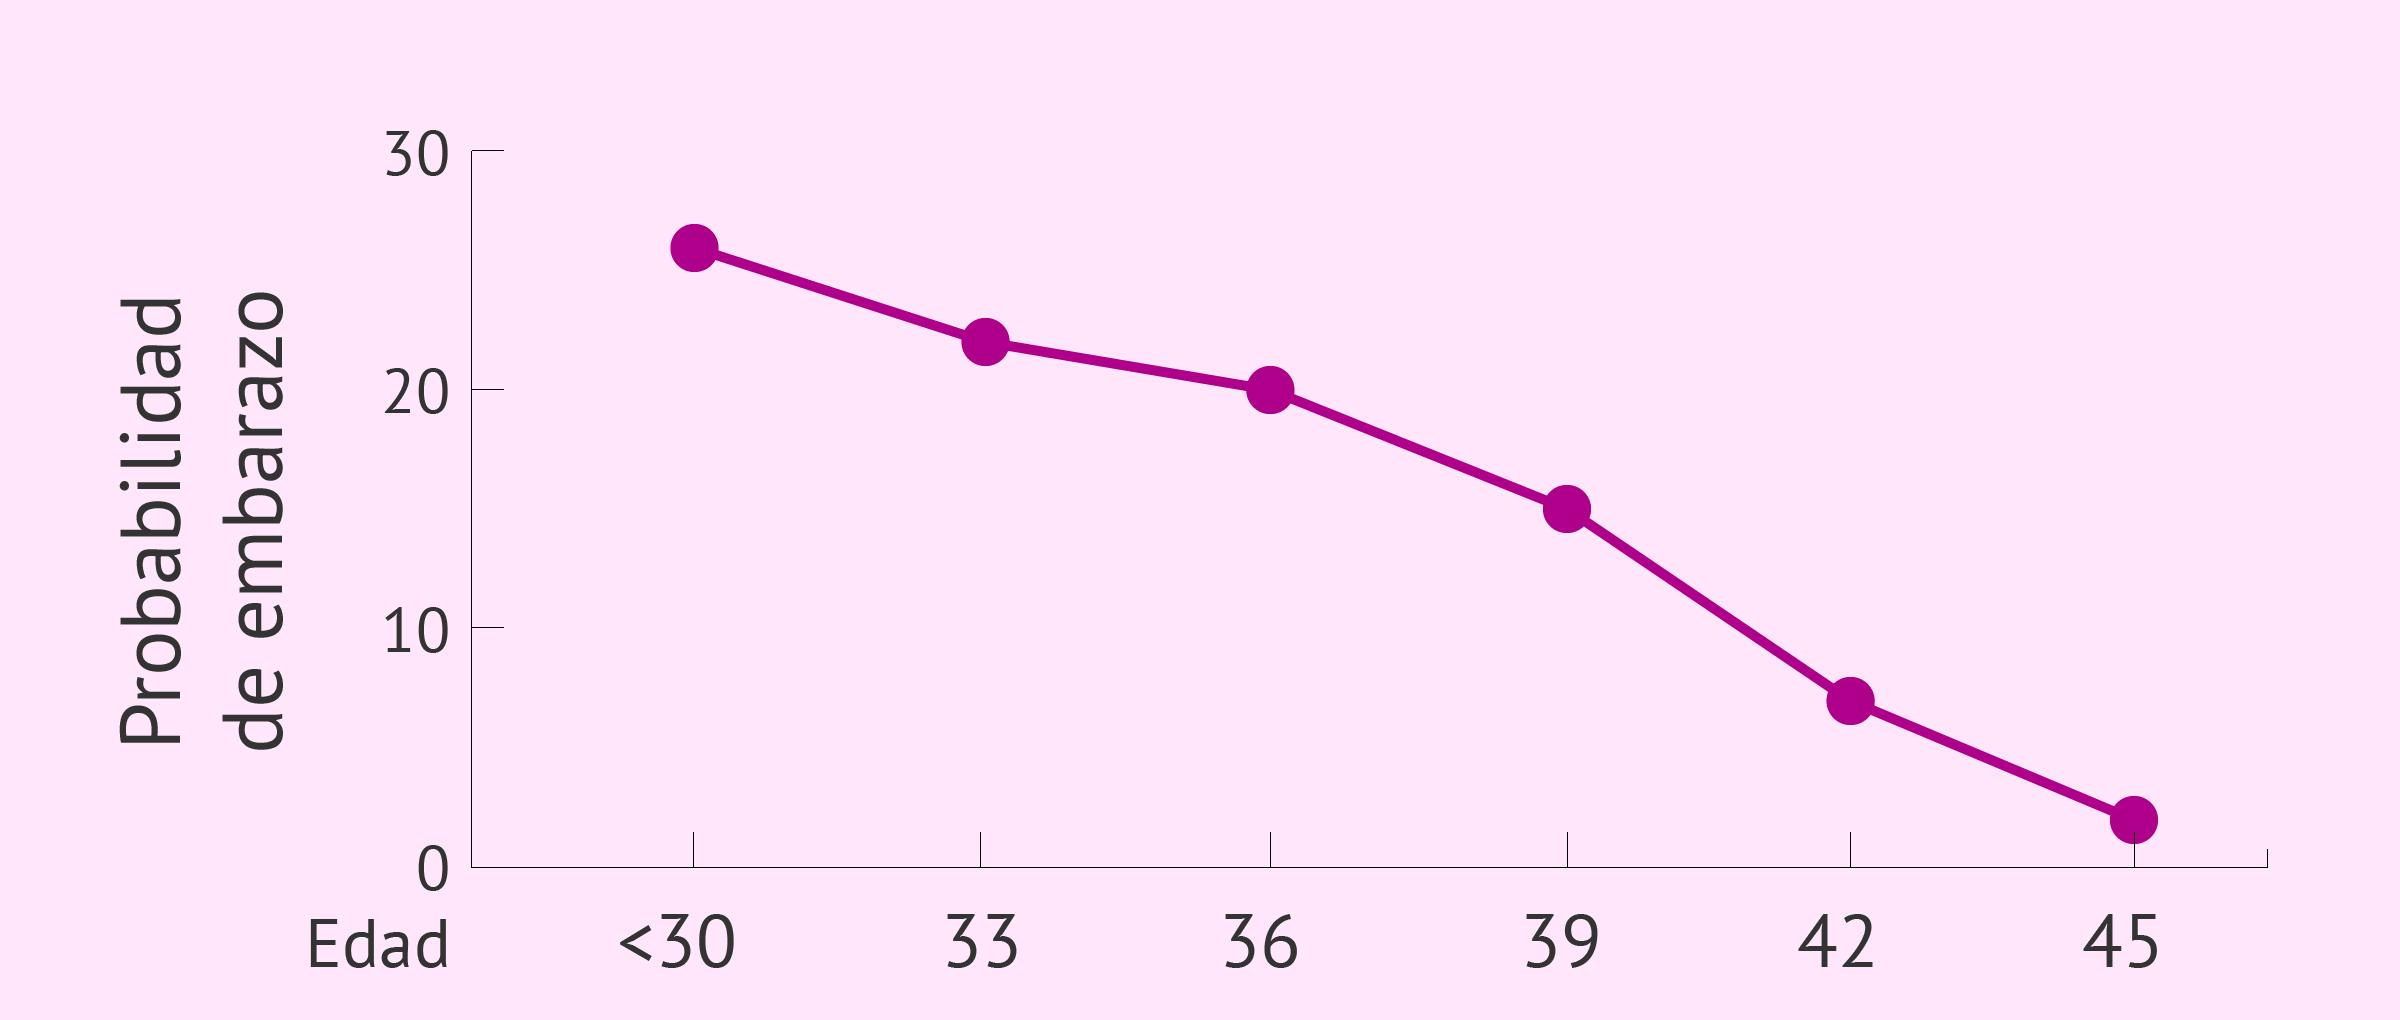 La fertilidad disminuye con la edad